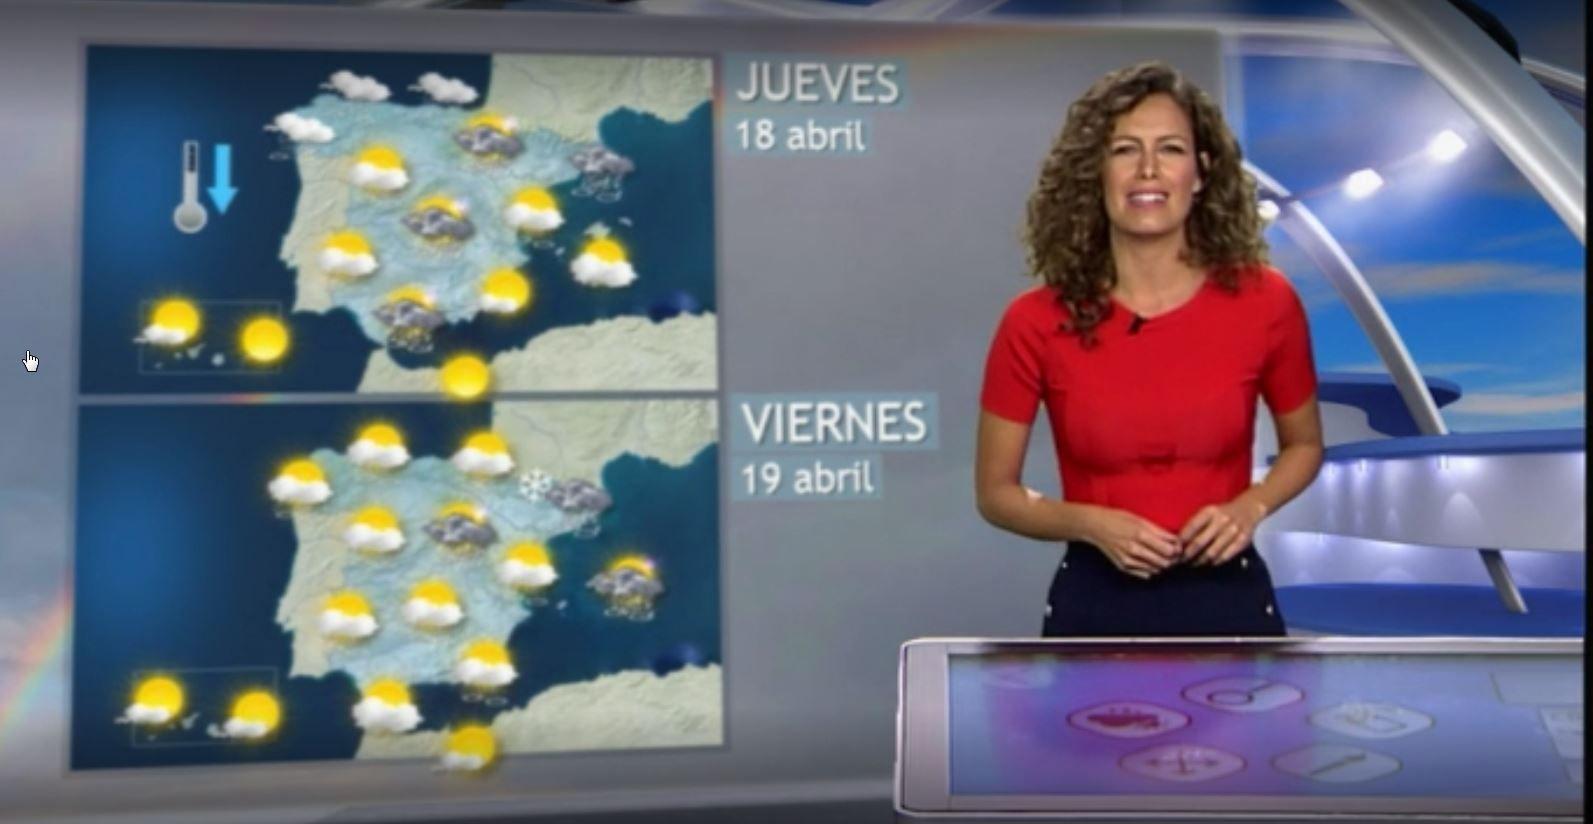 En la previsión de Mediaset para este viernes no se muestra la diferencia entre Galicia y el resto de España. Los símbolos de chubascos, con sol, nube y lluvia aparecen en todas las comunidades